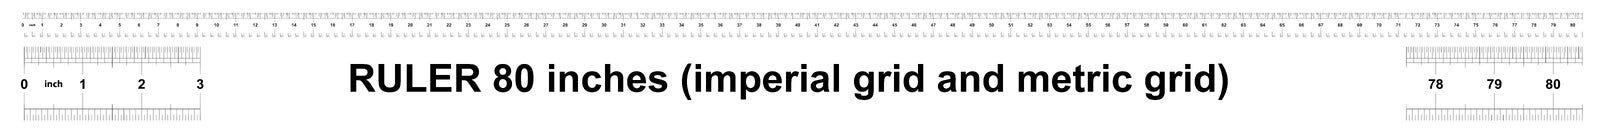 Heerser 80 duim keizer Metrische heerser 160 duim Nauwkeurig metend hulpmiddel Kaliberbepalingsnet vector illustratie